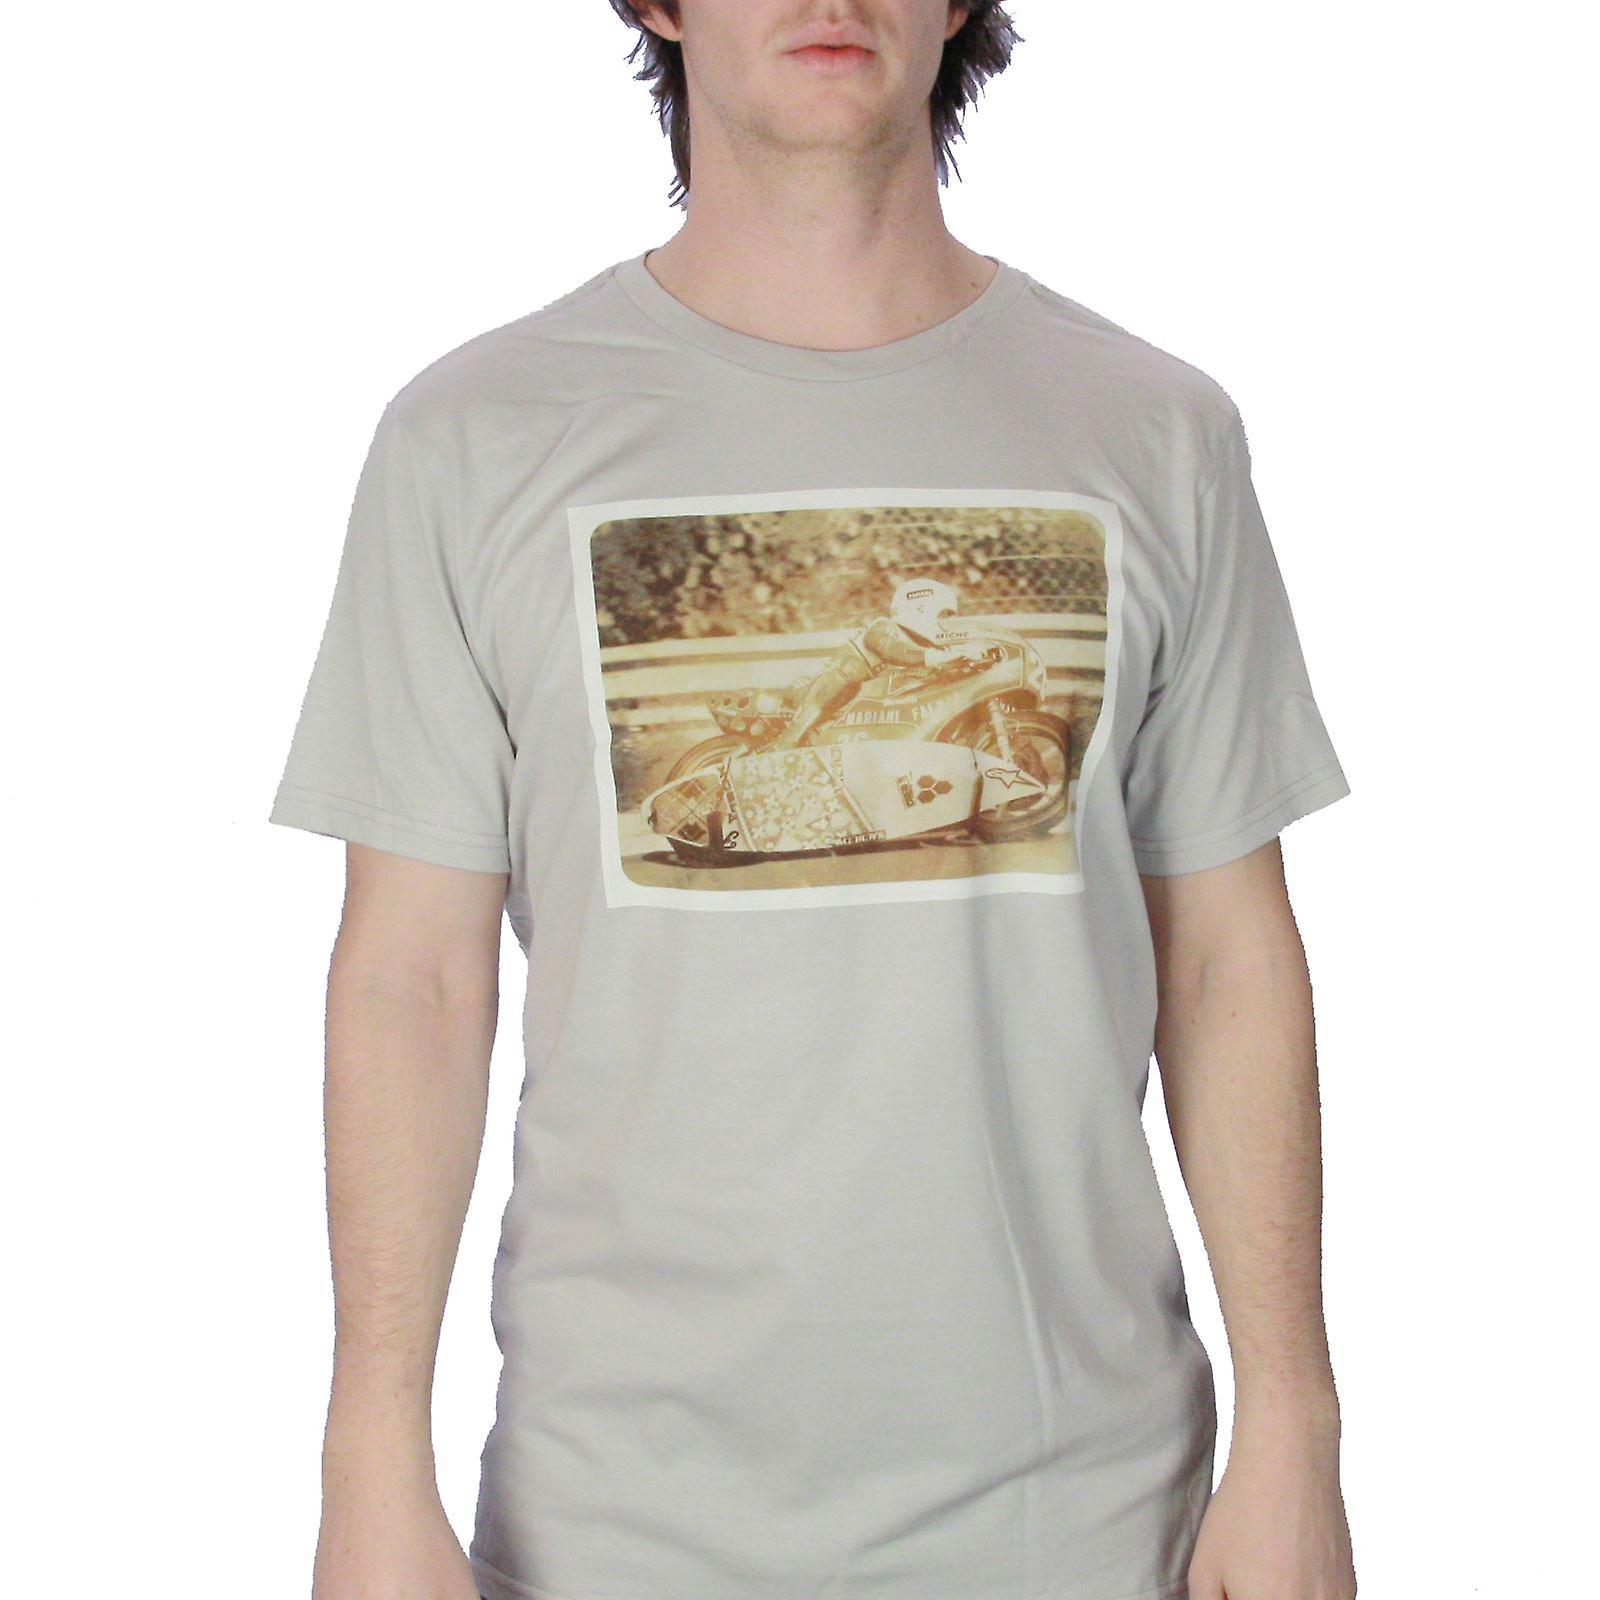 Alpinestars T-Shirt ~Urgent